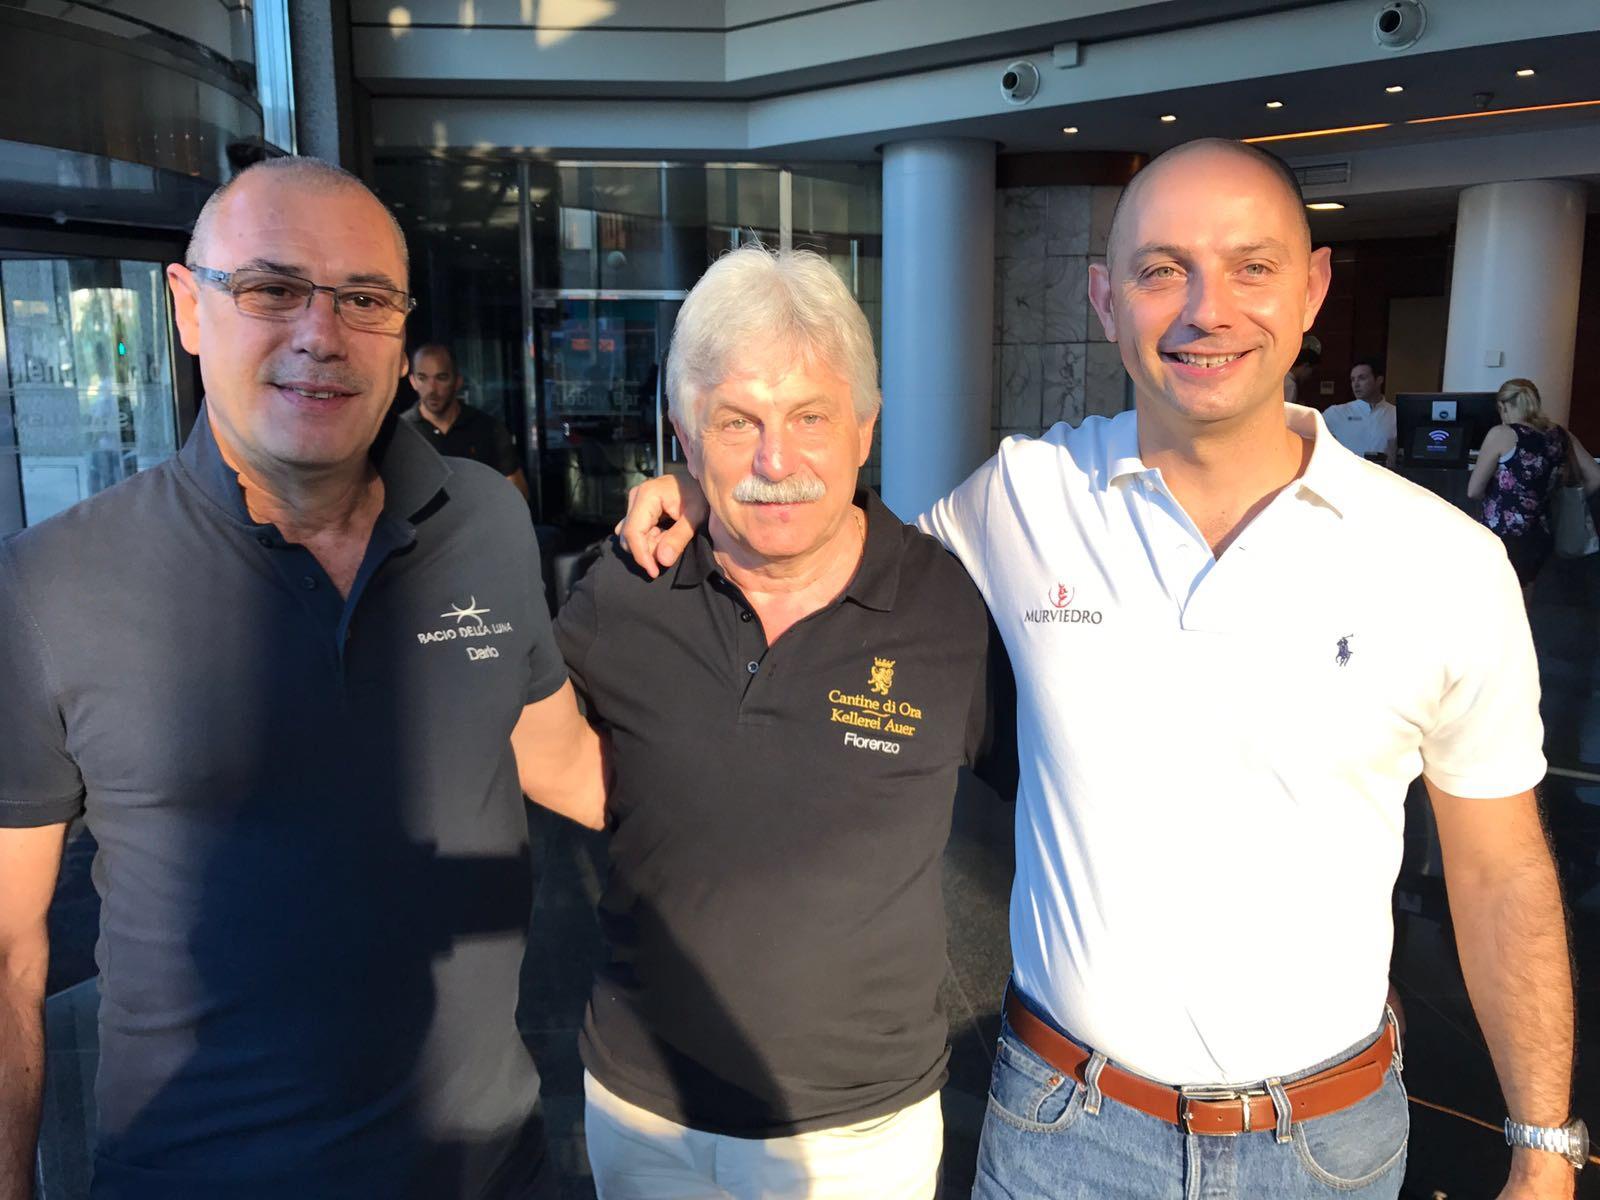 Los enólogos del Grupo Schenk seleccionan un Bobal de Cepas Viejas para el vino homenaje de Bodegas Murviedro